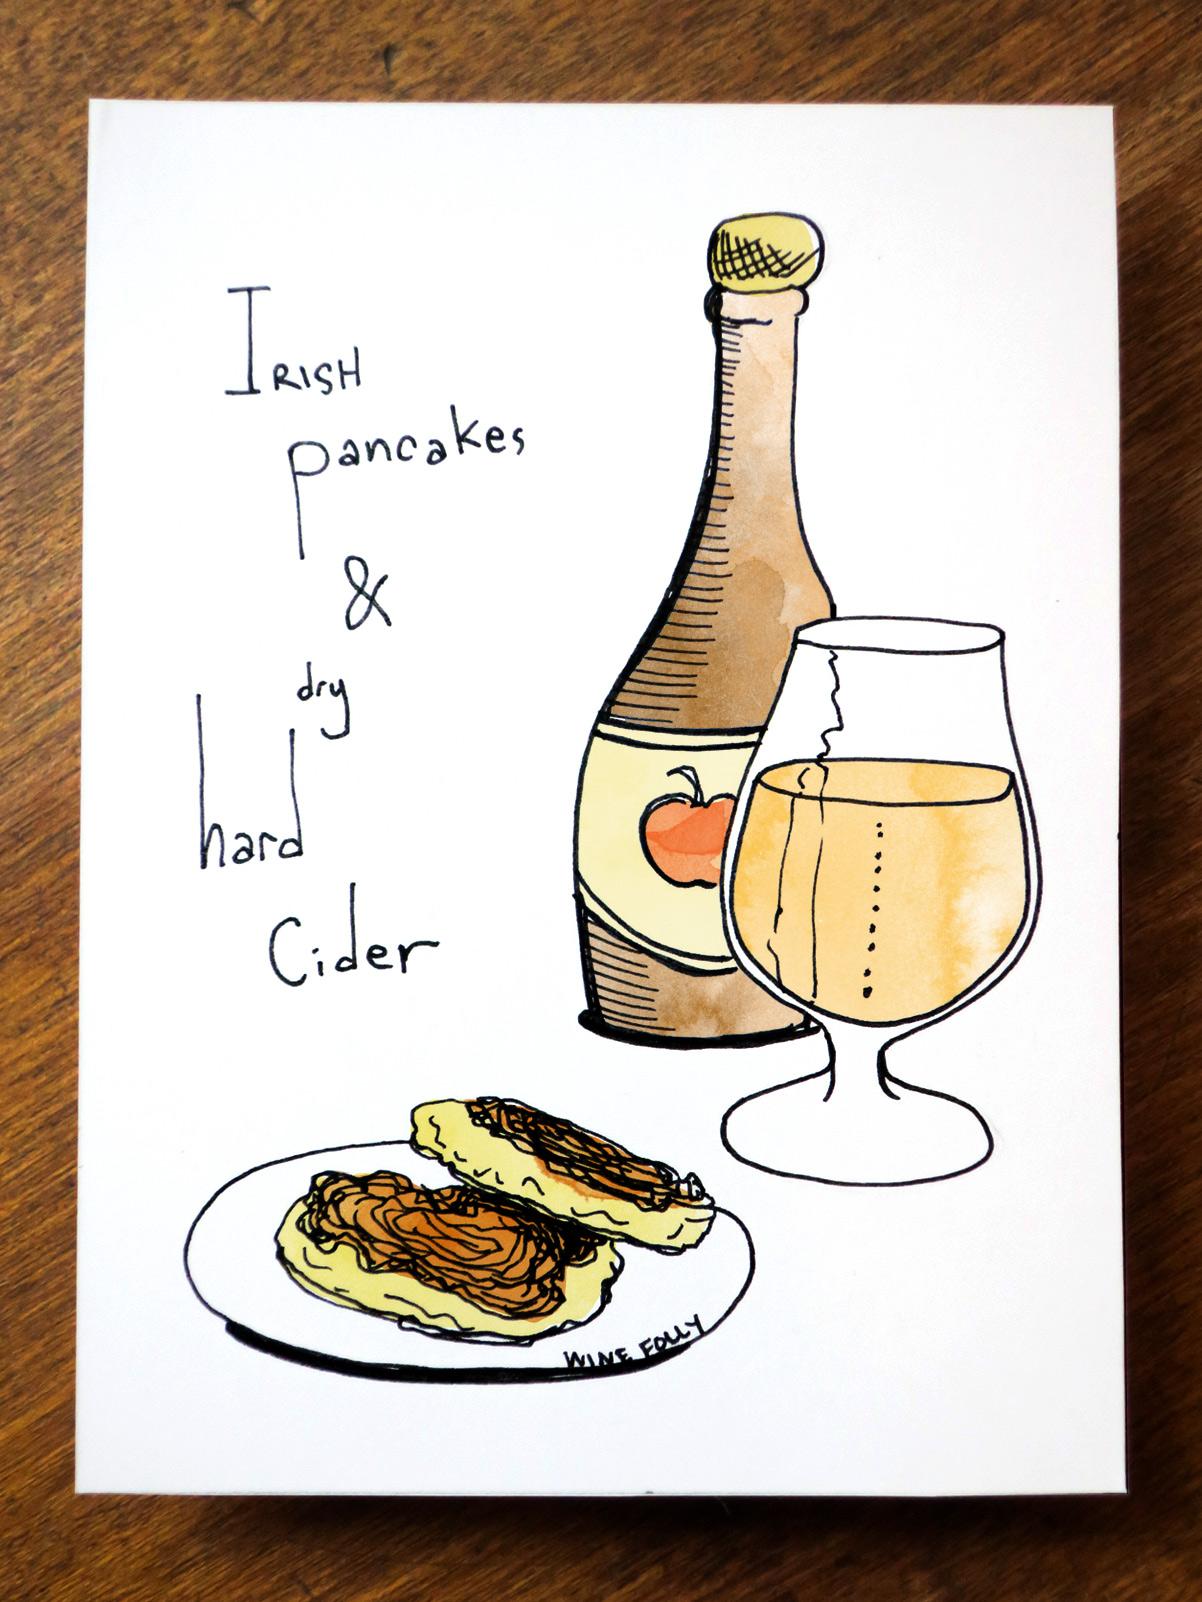 boxty-pancakes-pairing-hard-cider